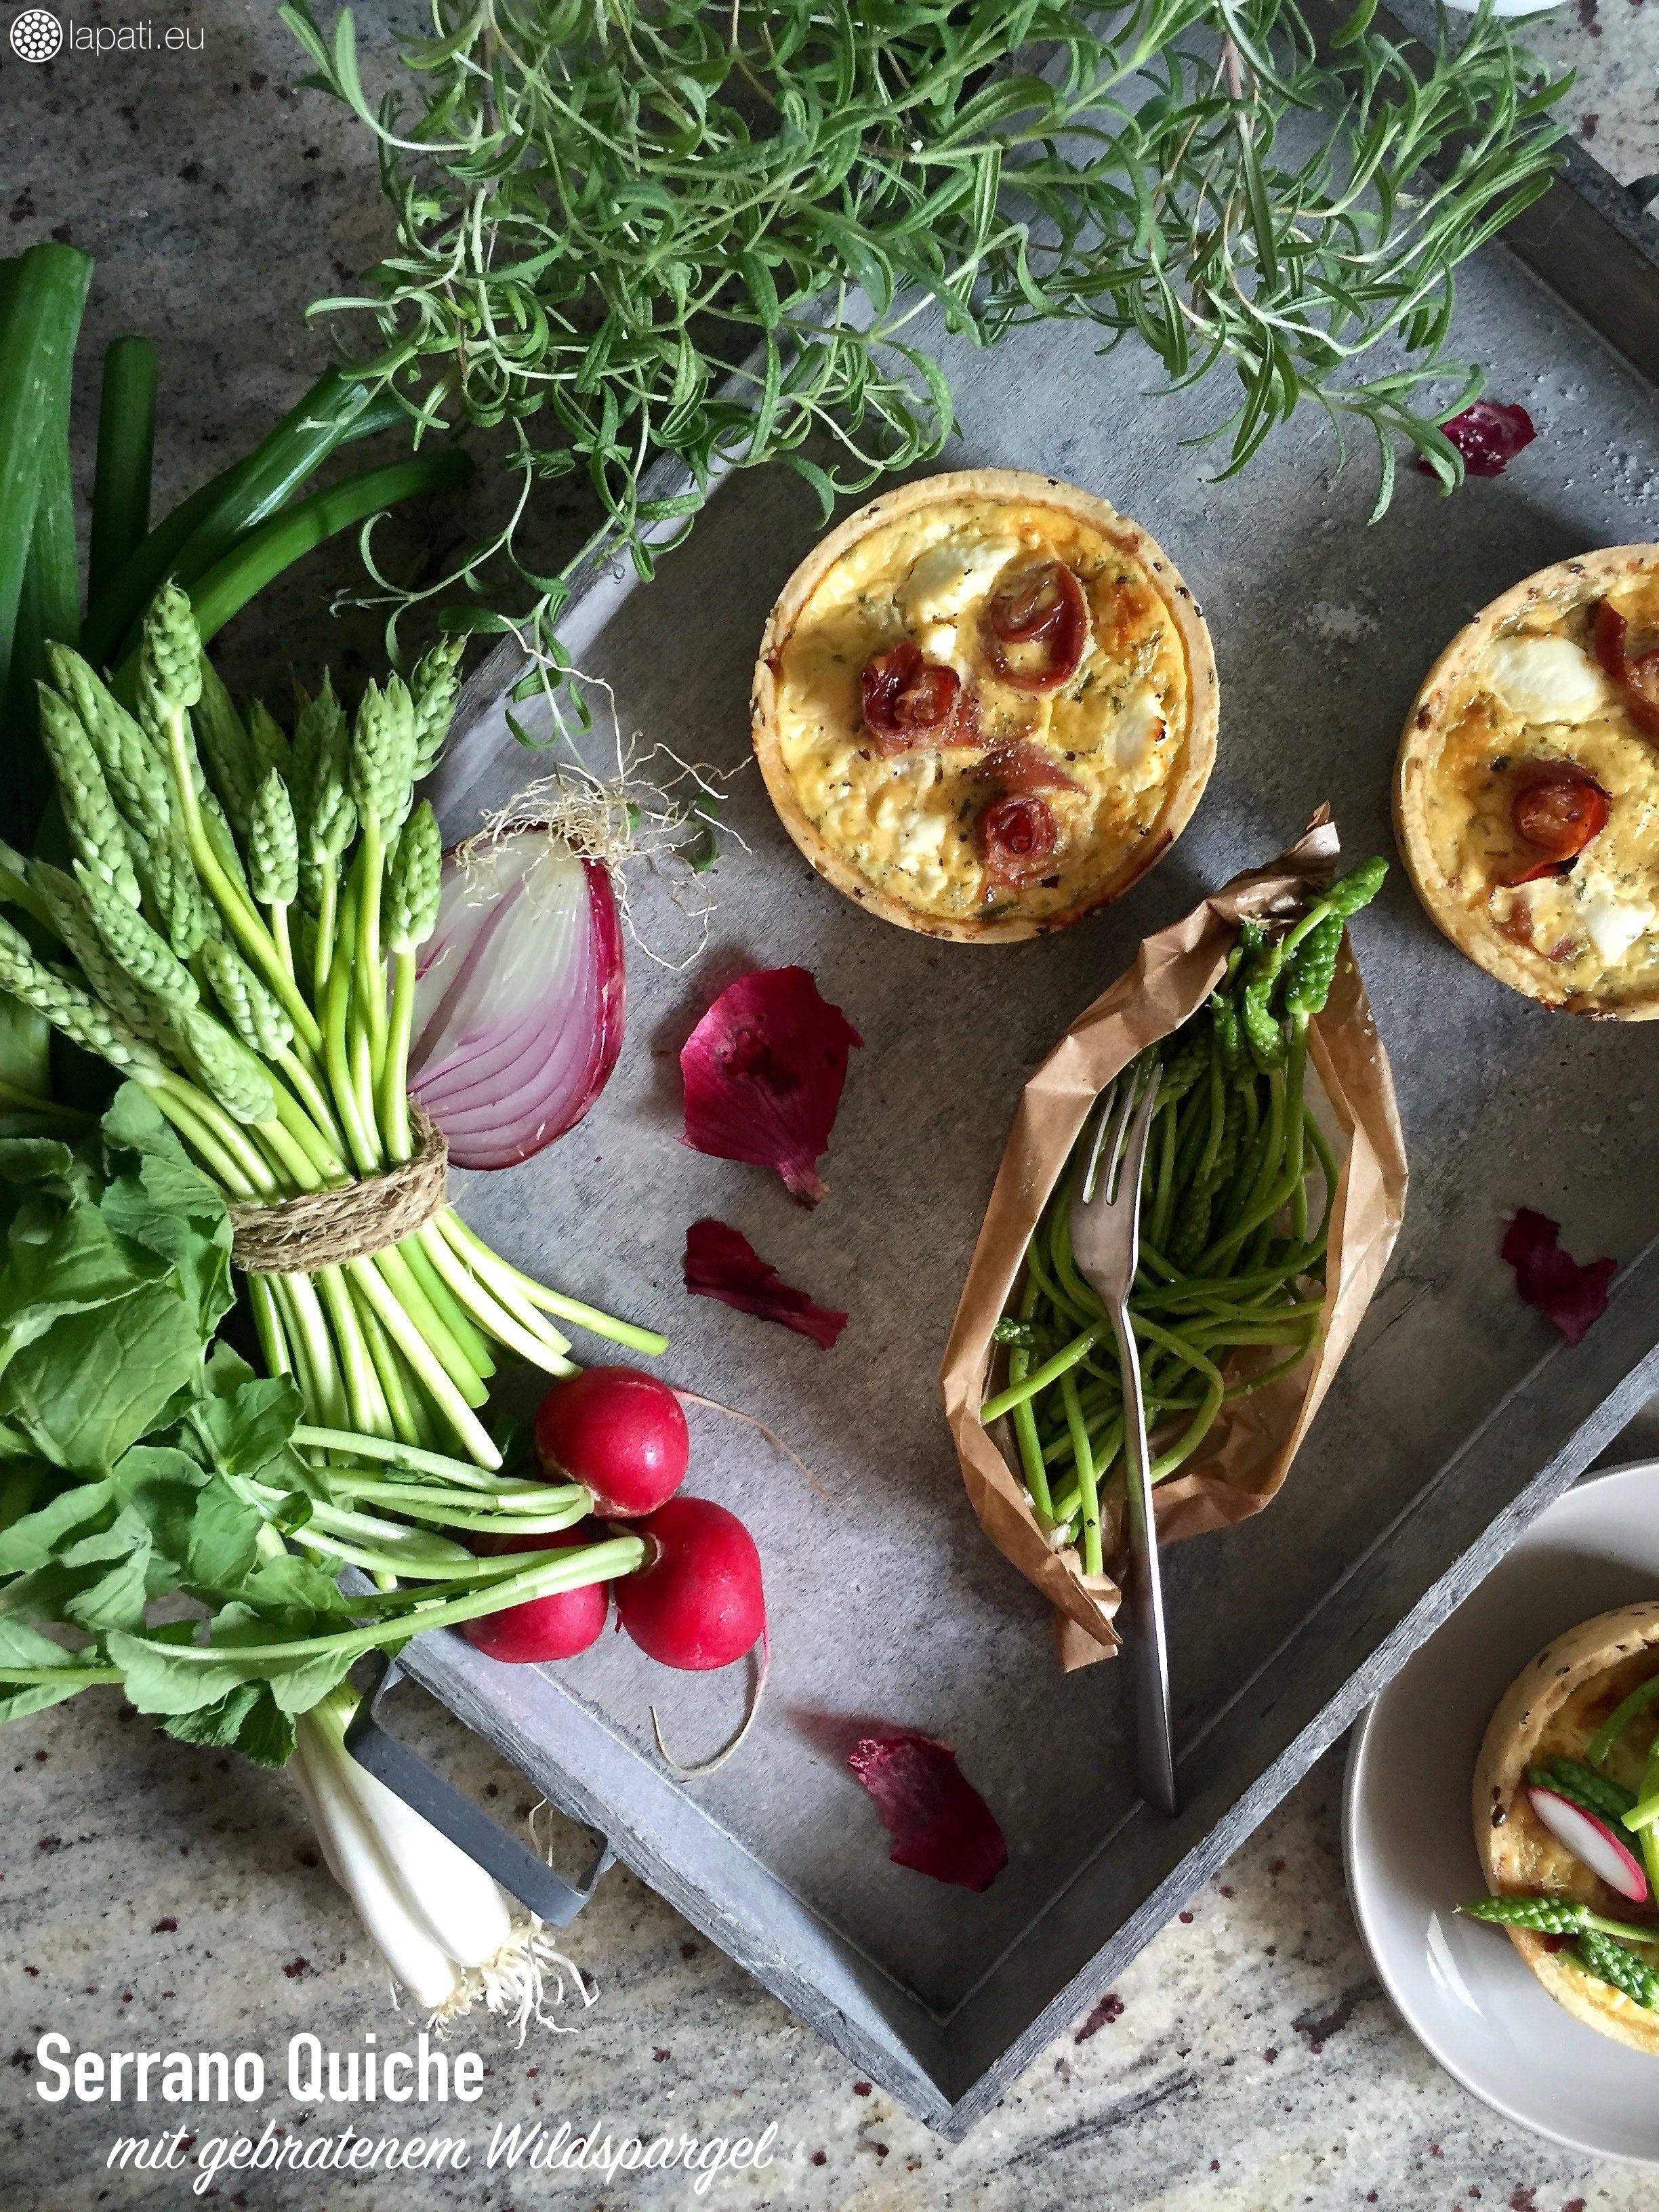 So gut: Serrano Quiche mit feinem Wildspargel aus Frankreich.